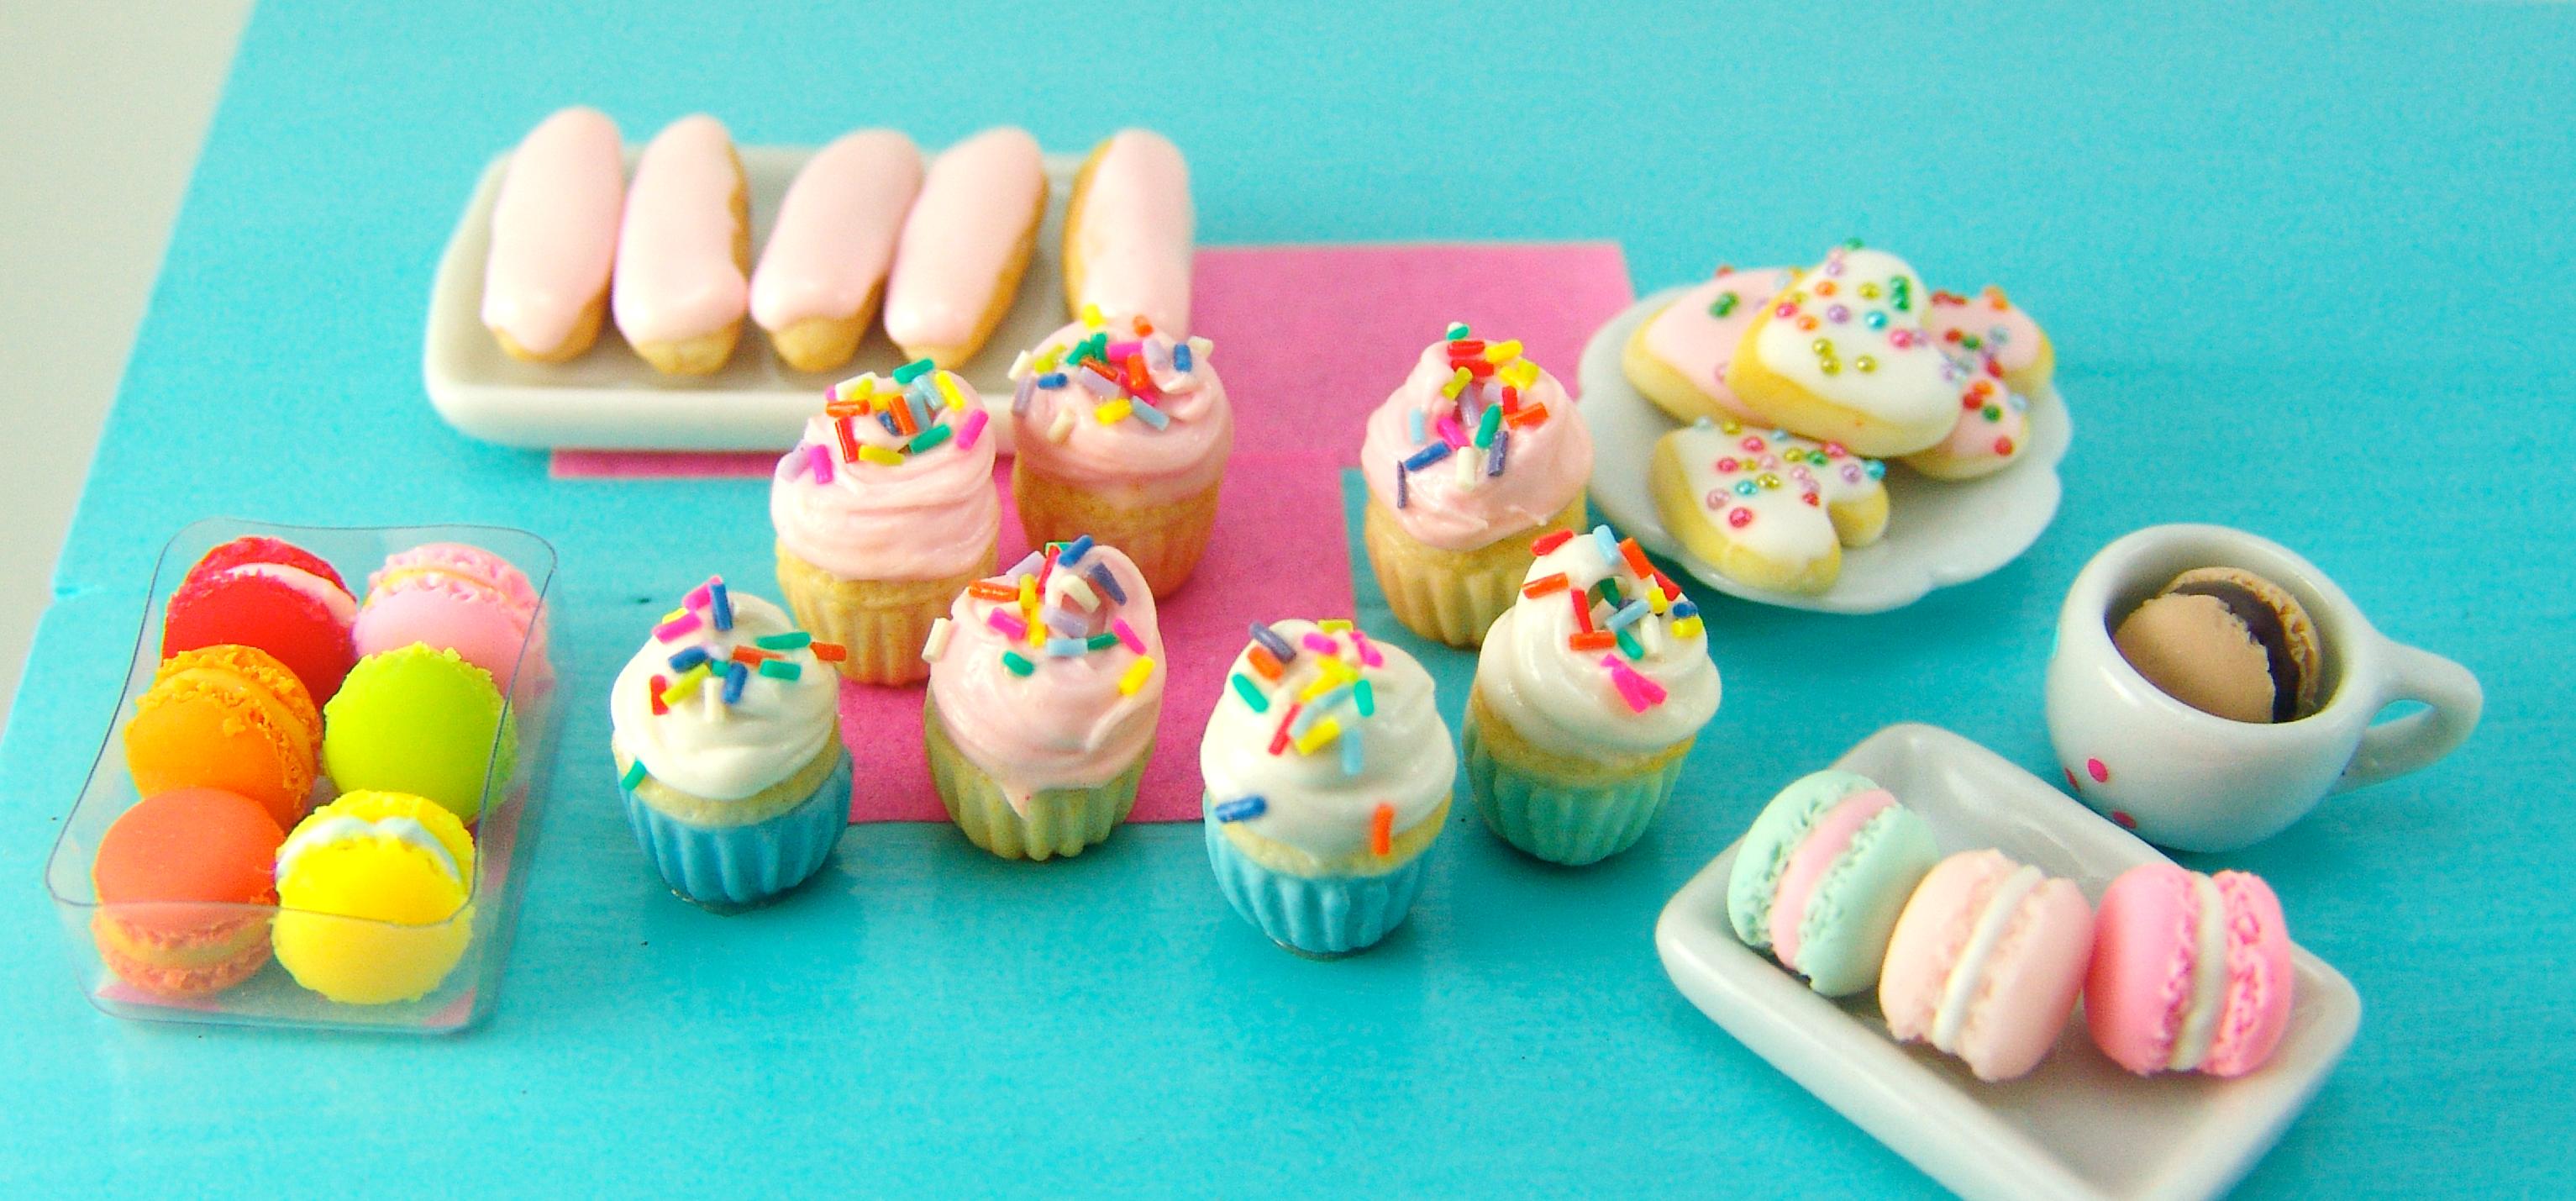 Chocolate Cupcakes with Rainbow Sprinkles